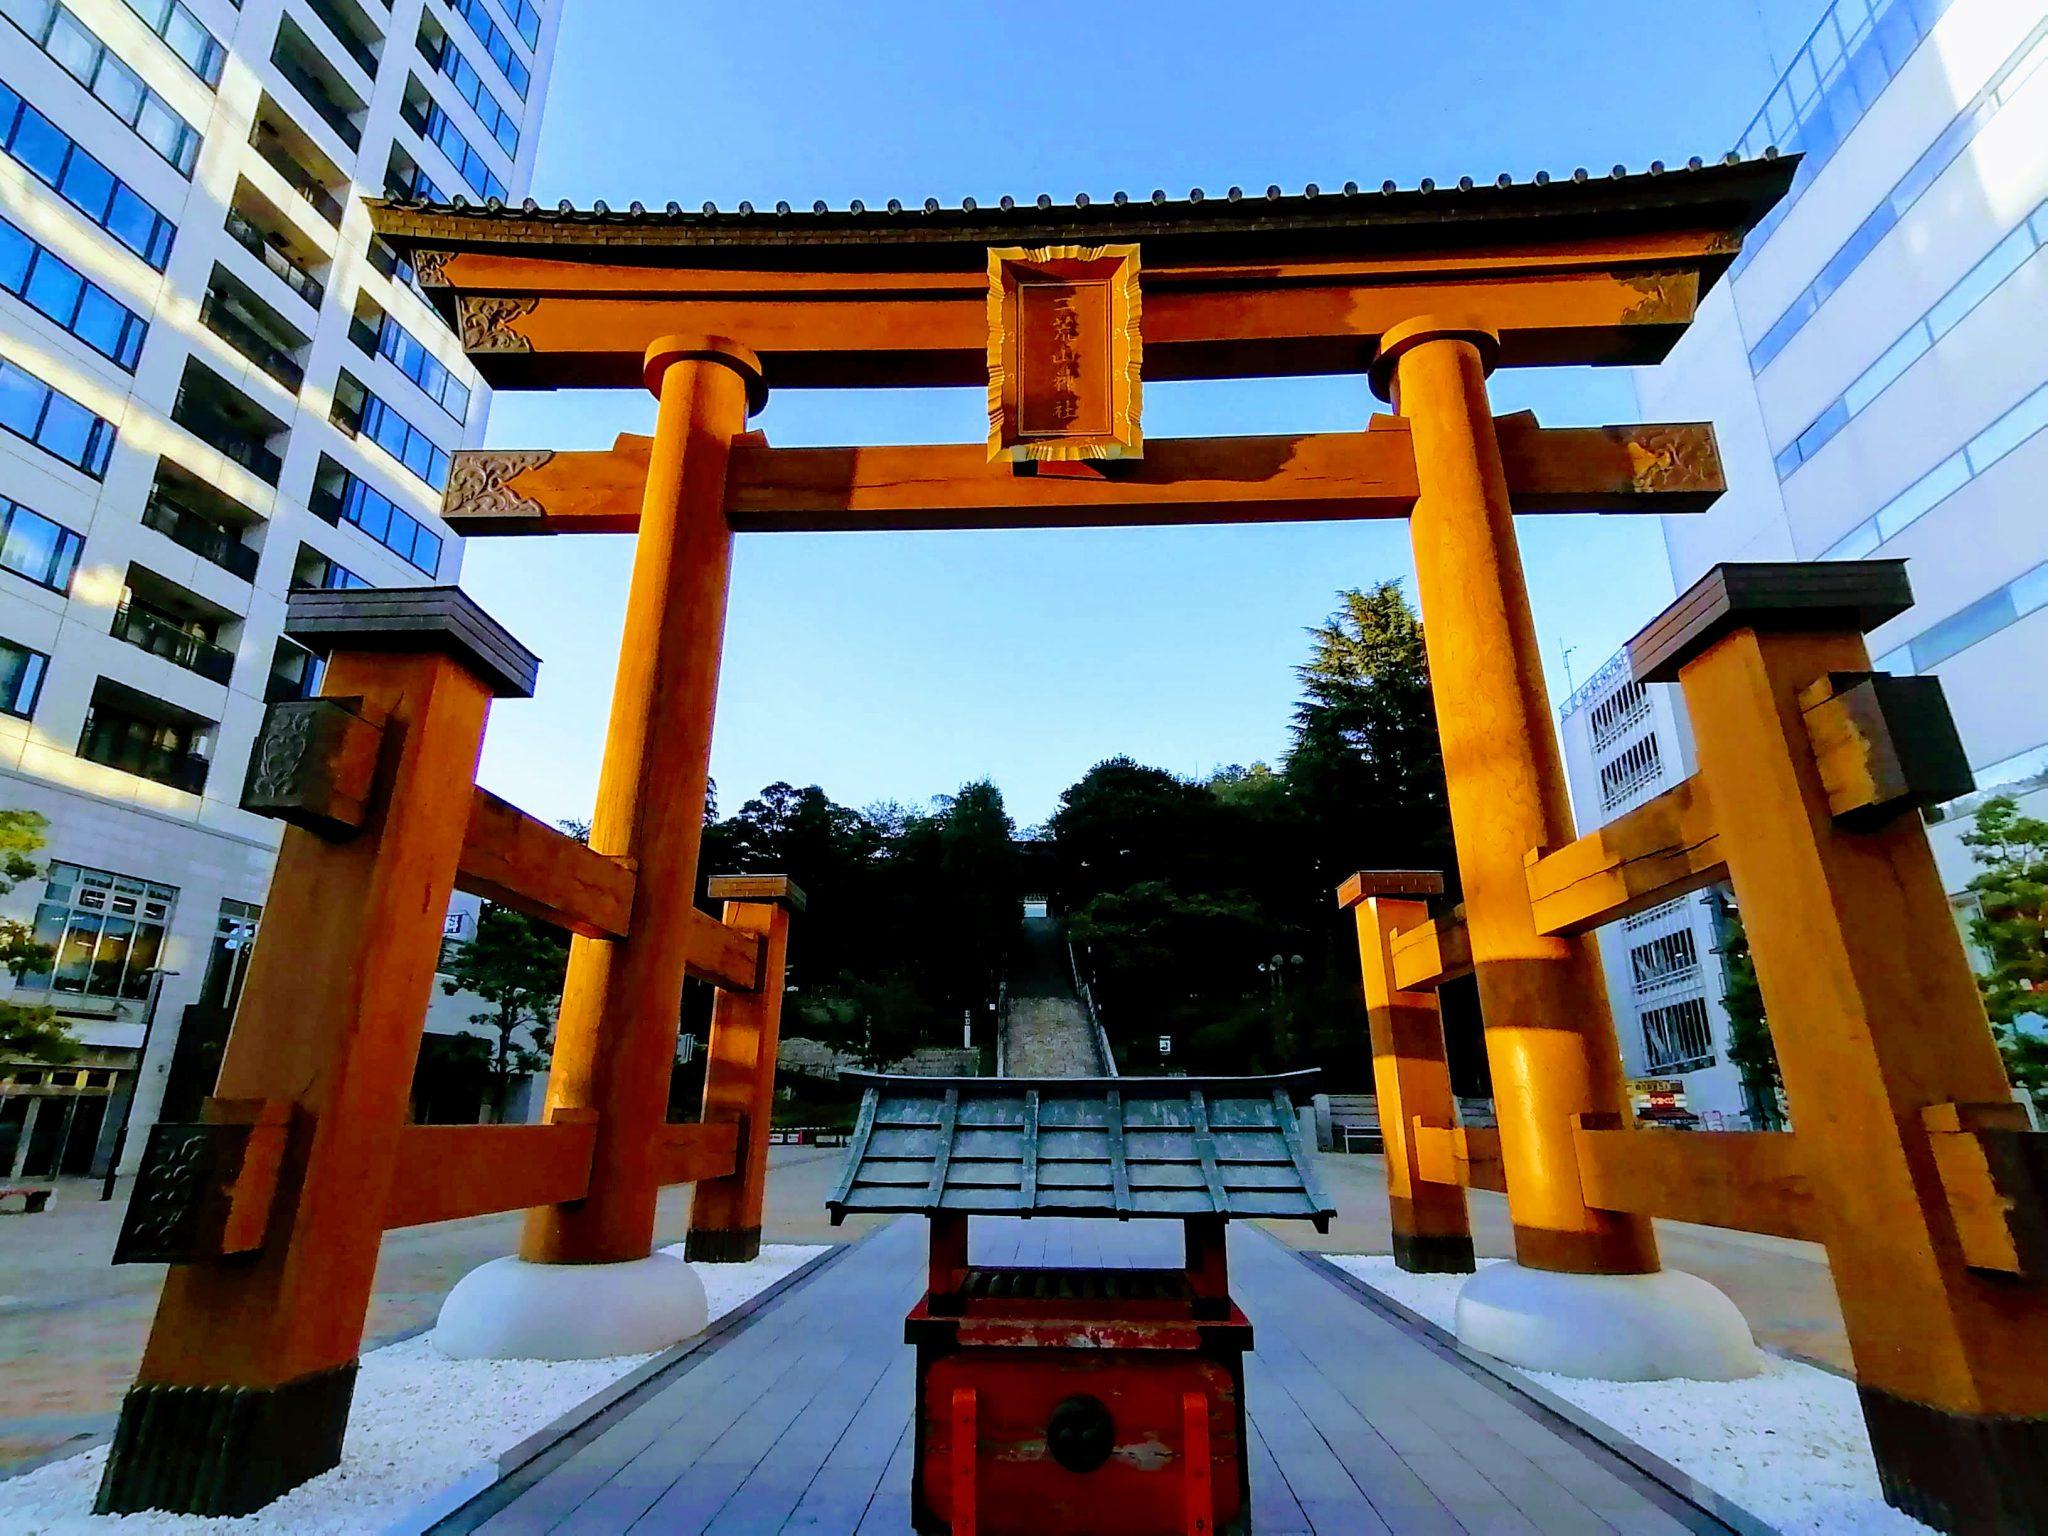 宇都宮二荒山神社の手水舎が新型コロナ対策で・・